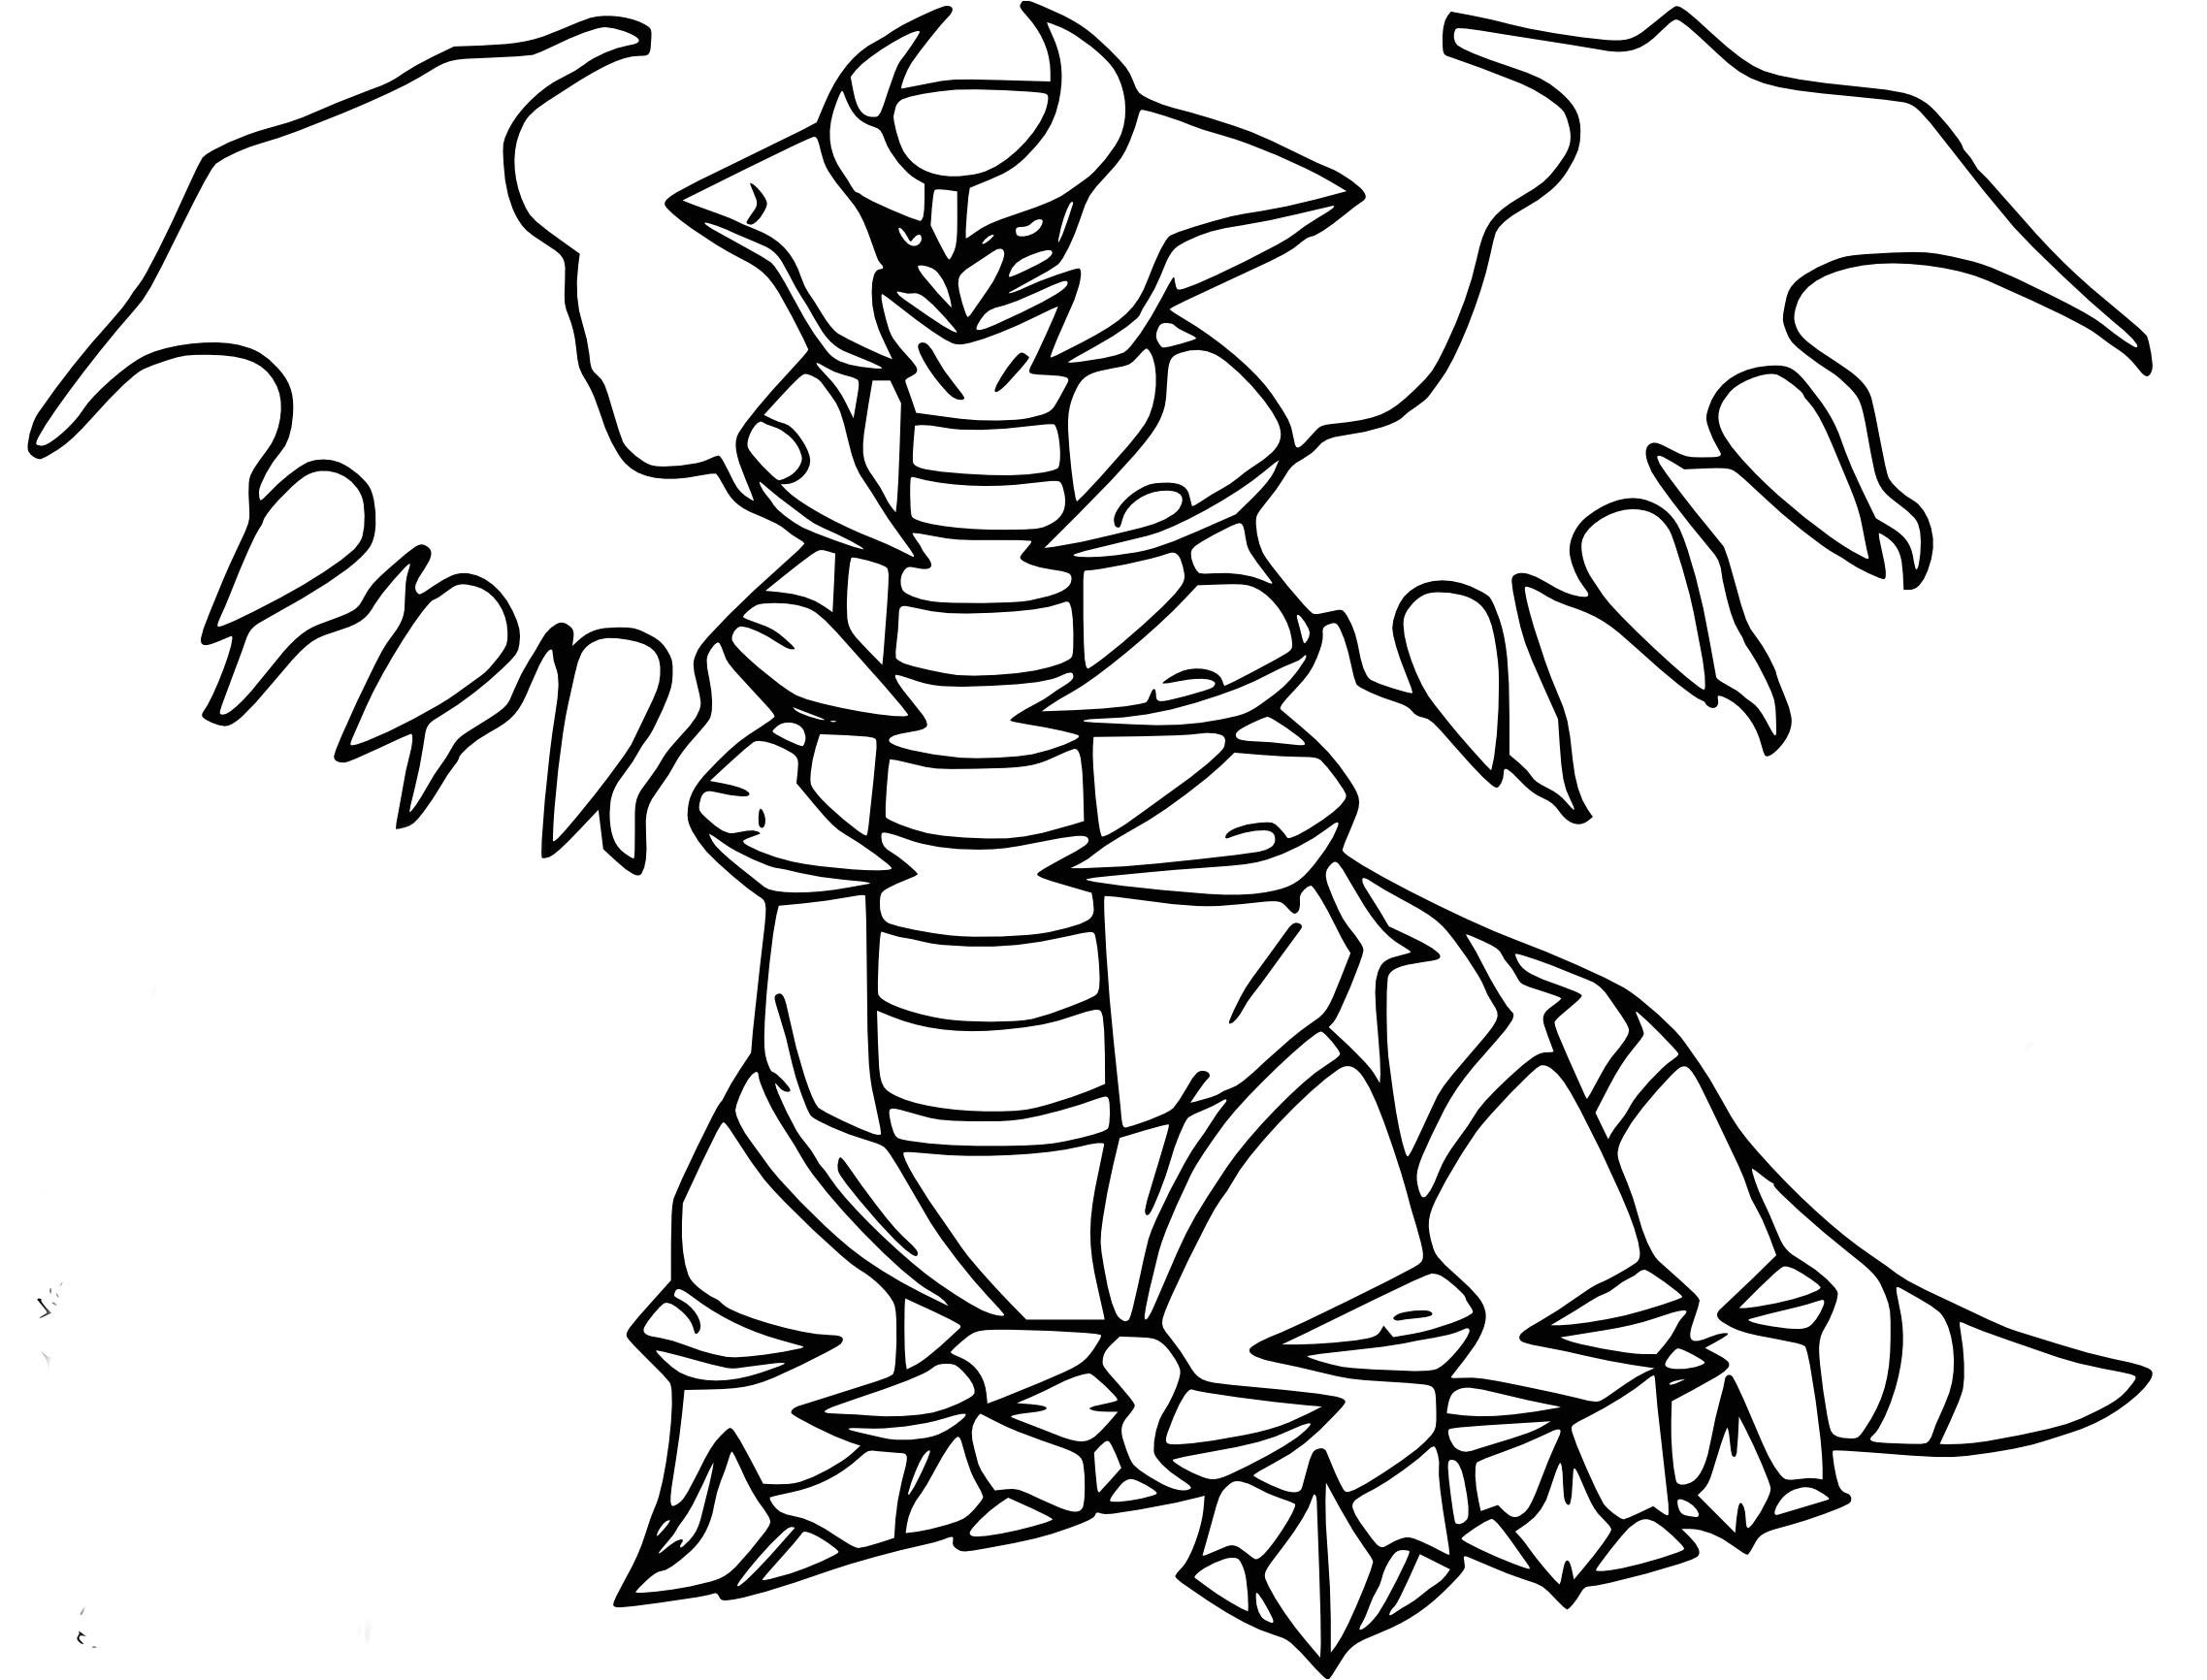 Dessin Pokemon Legendaire A Imprimer